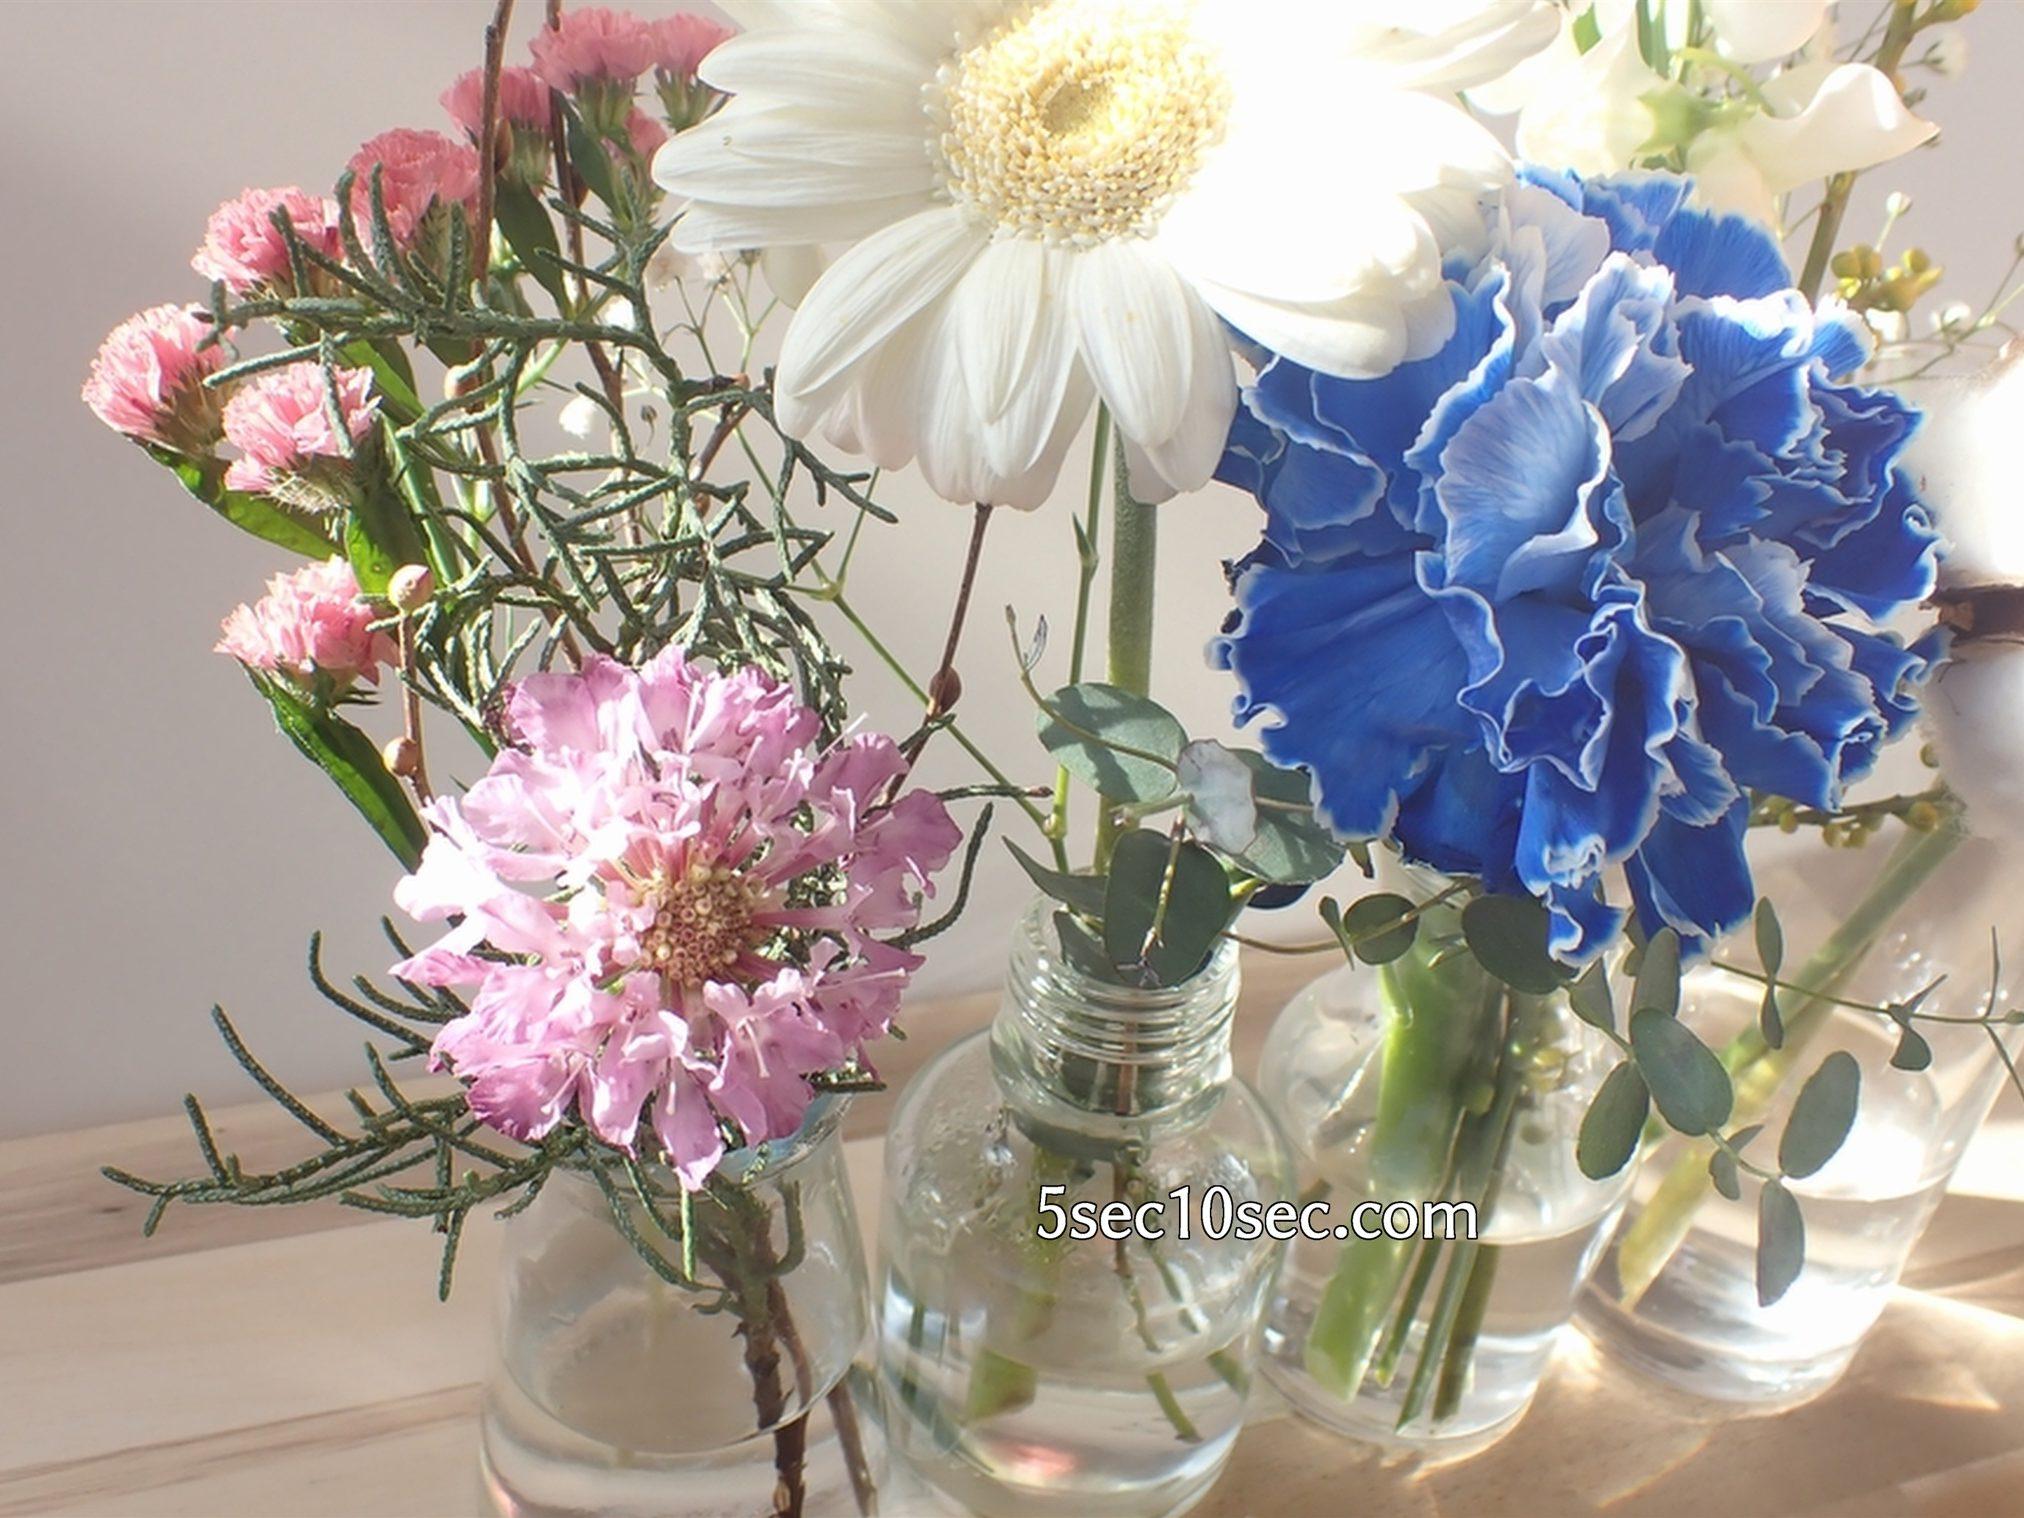 株式会社Crunch Style お花の定期便 Bloomee LIFE ブルーミーライフ 切り花のつぼみだったスカビオサが、お花の栄養剤に浸けているだけで開花しました